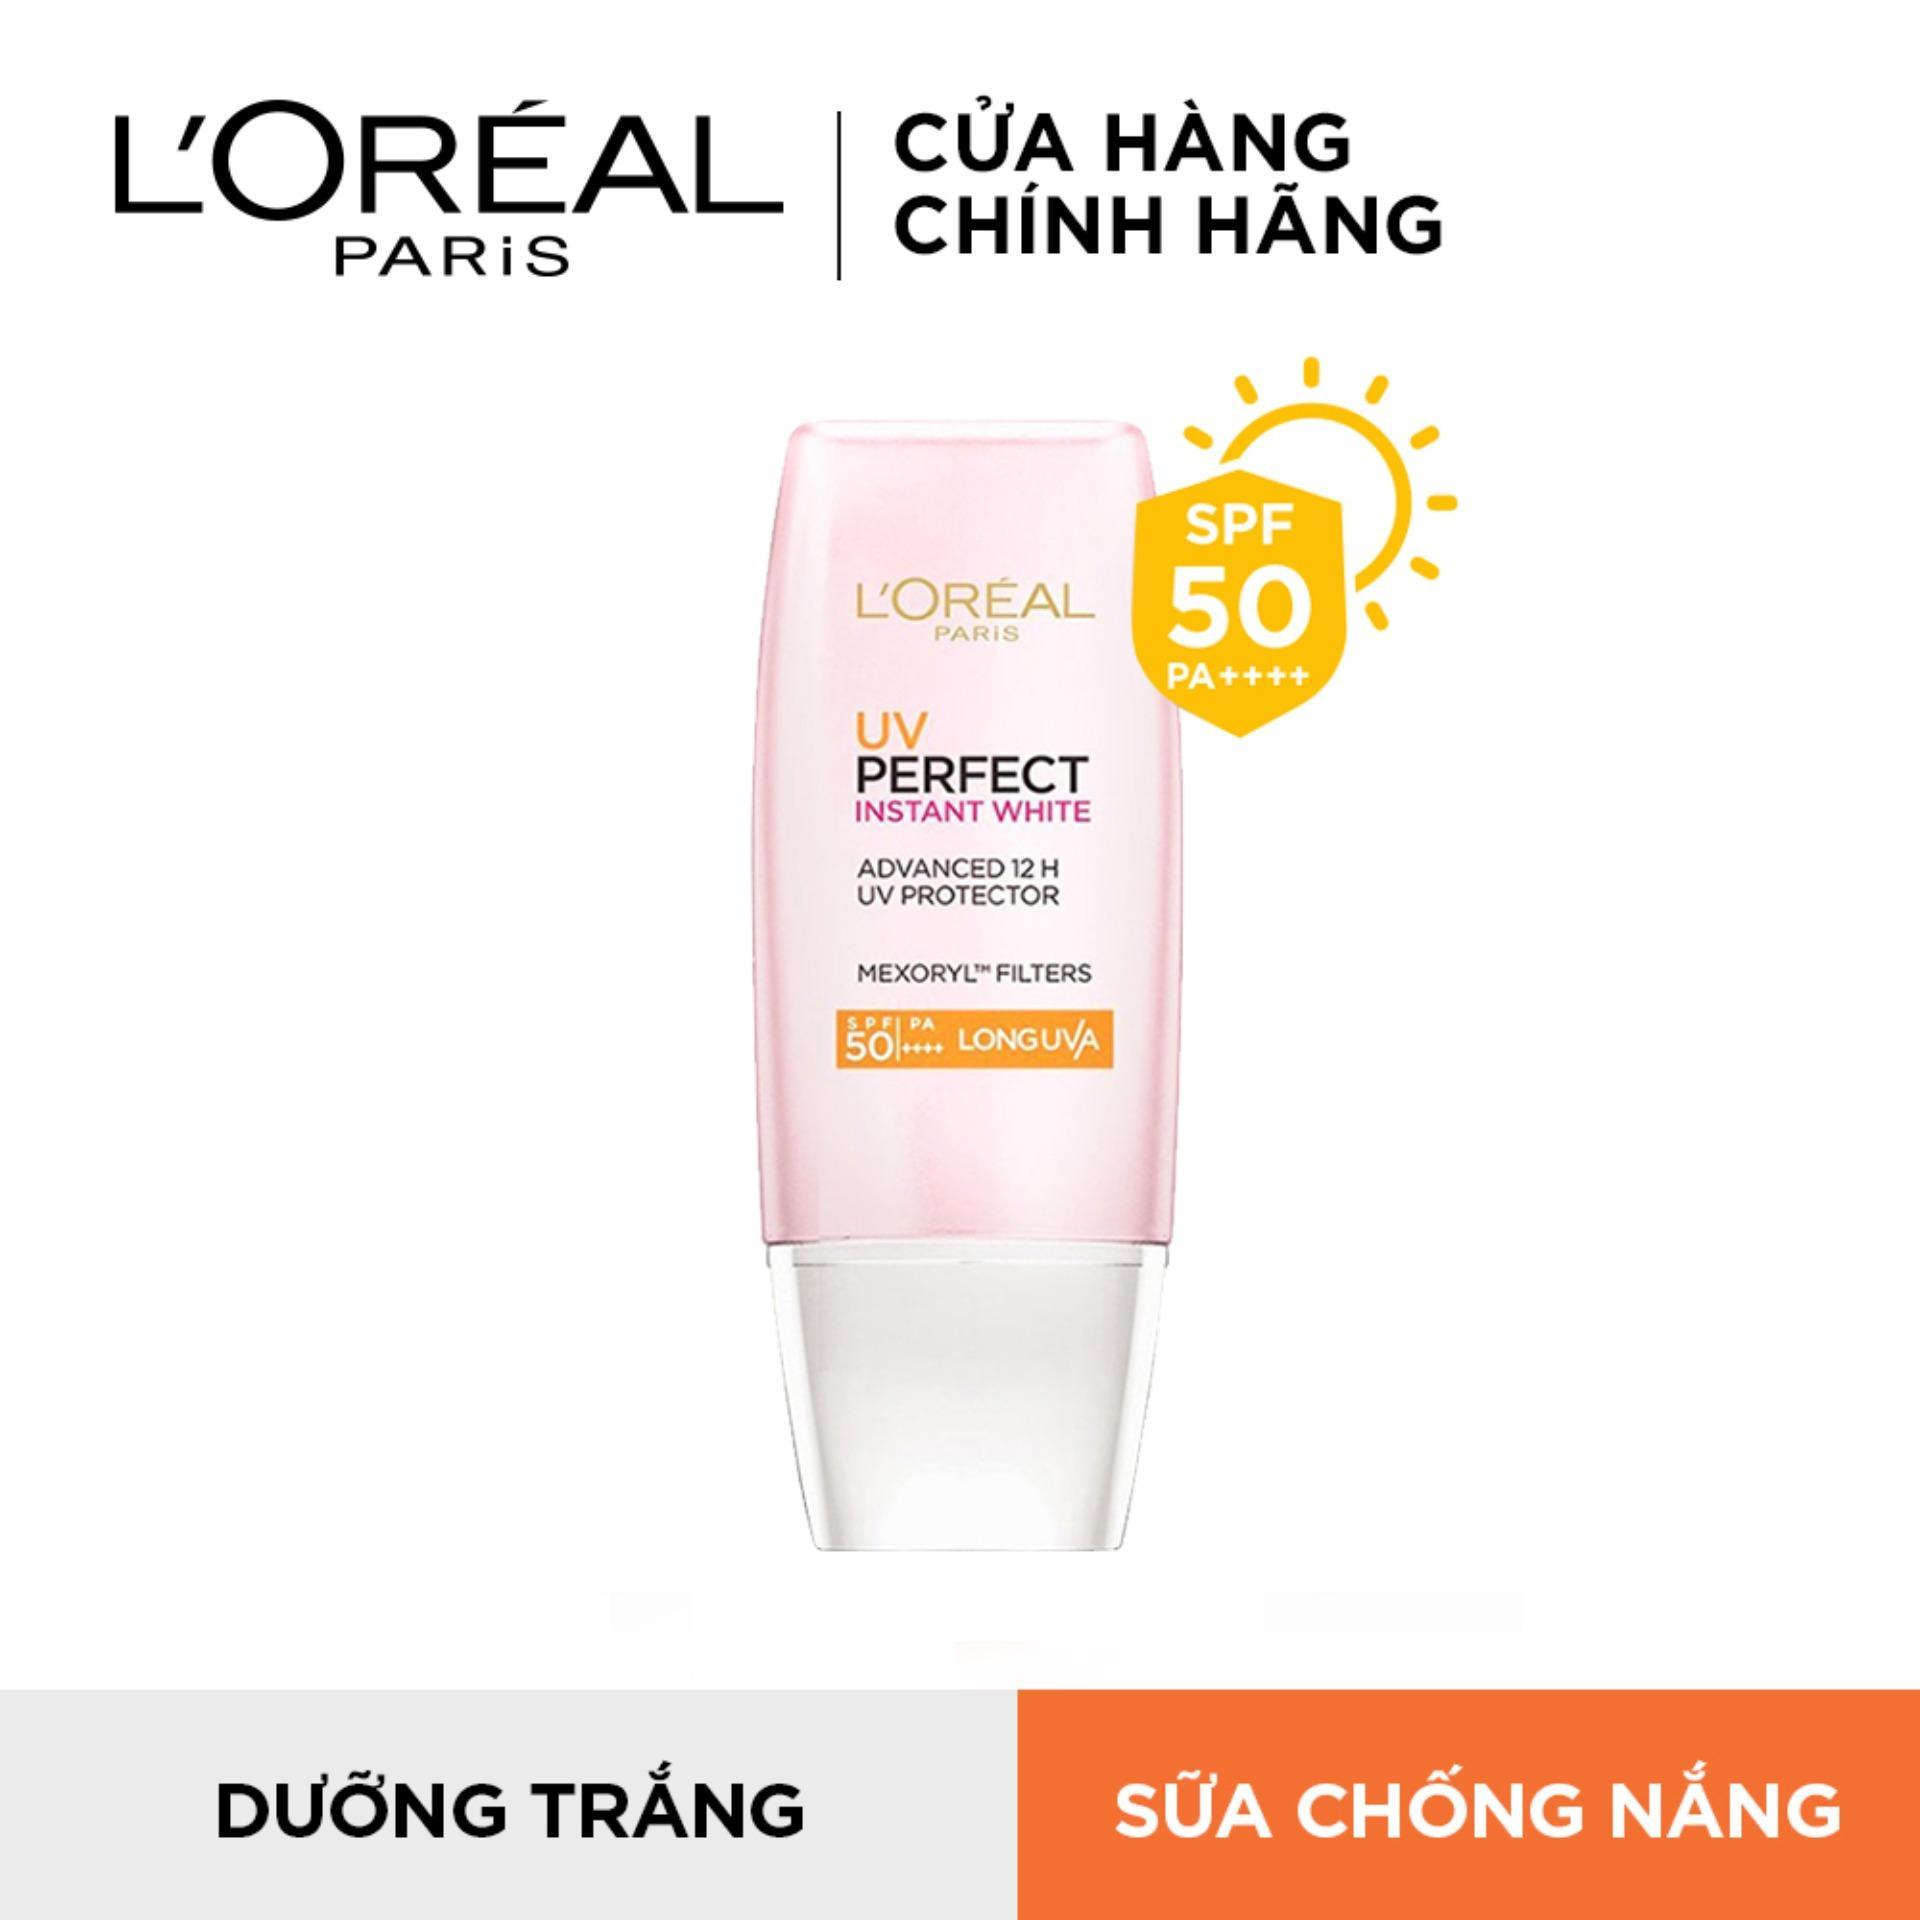 Kem chống nắng dưỡng da trắng sáng tức thì LOréal UV Perfect Rosy/Instant White SPF50 PA ++++ 30ml